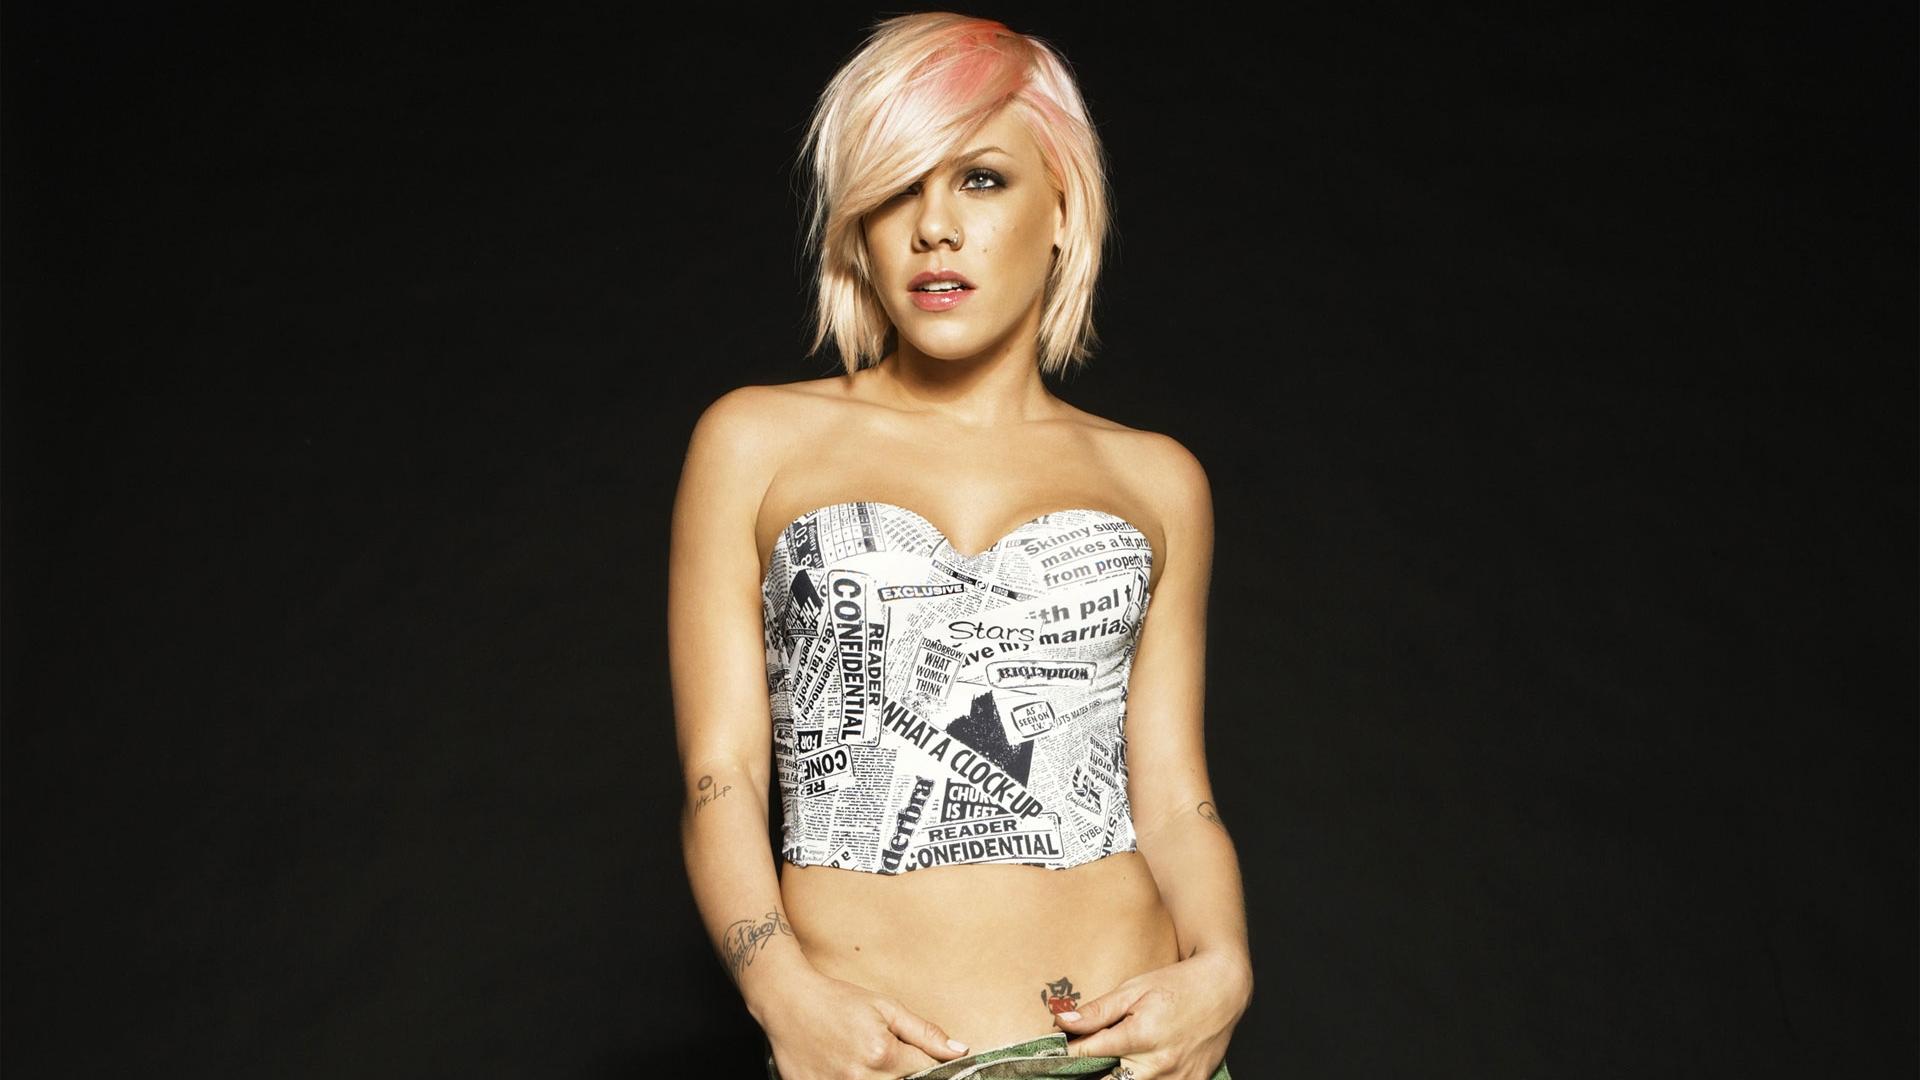 Alecia Beth Moore Wallpaper Pink Alecia Beth Moore Pop